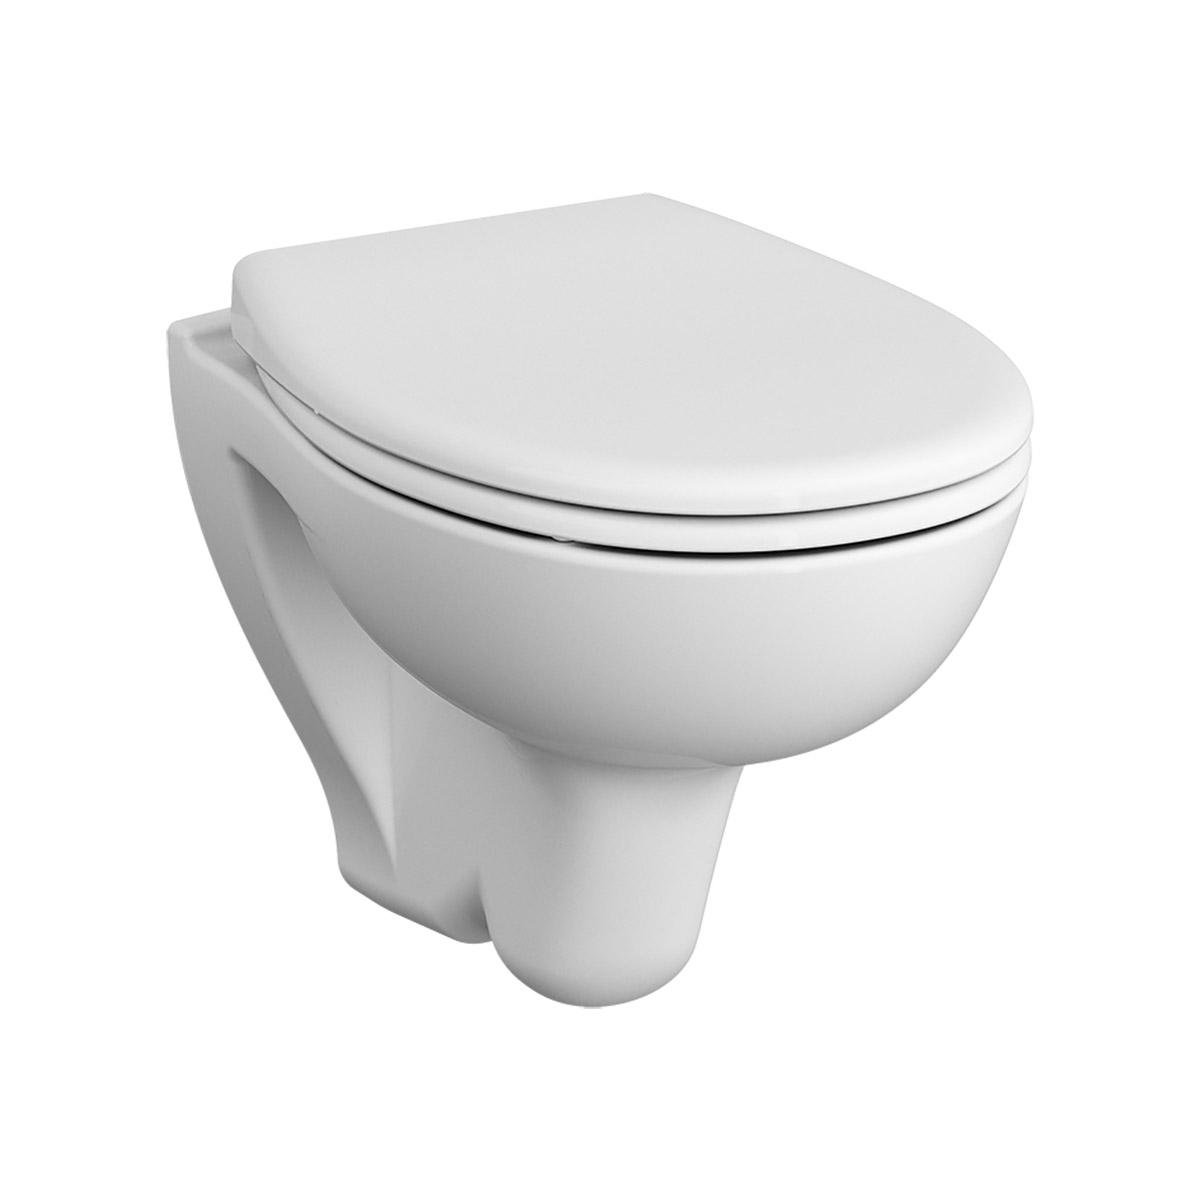 S20 Wand-WC Compact mit Bidetfunktion, Universal Shape